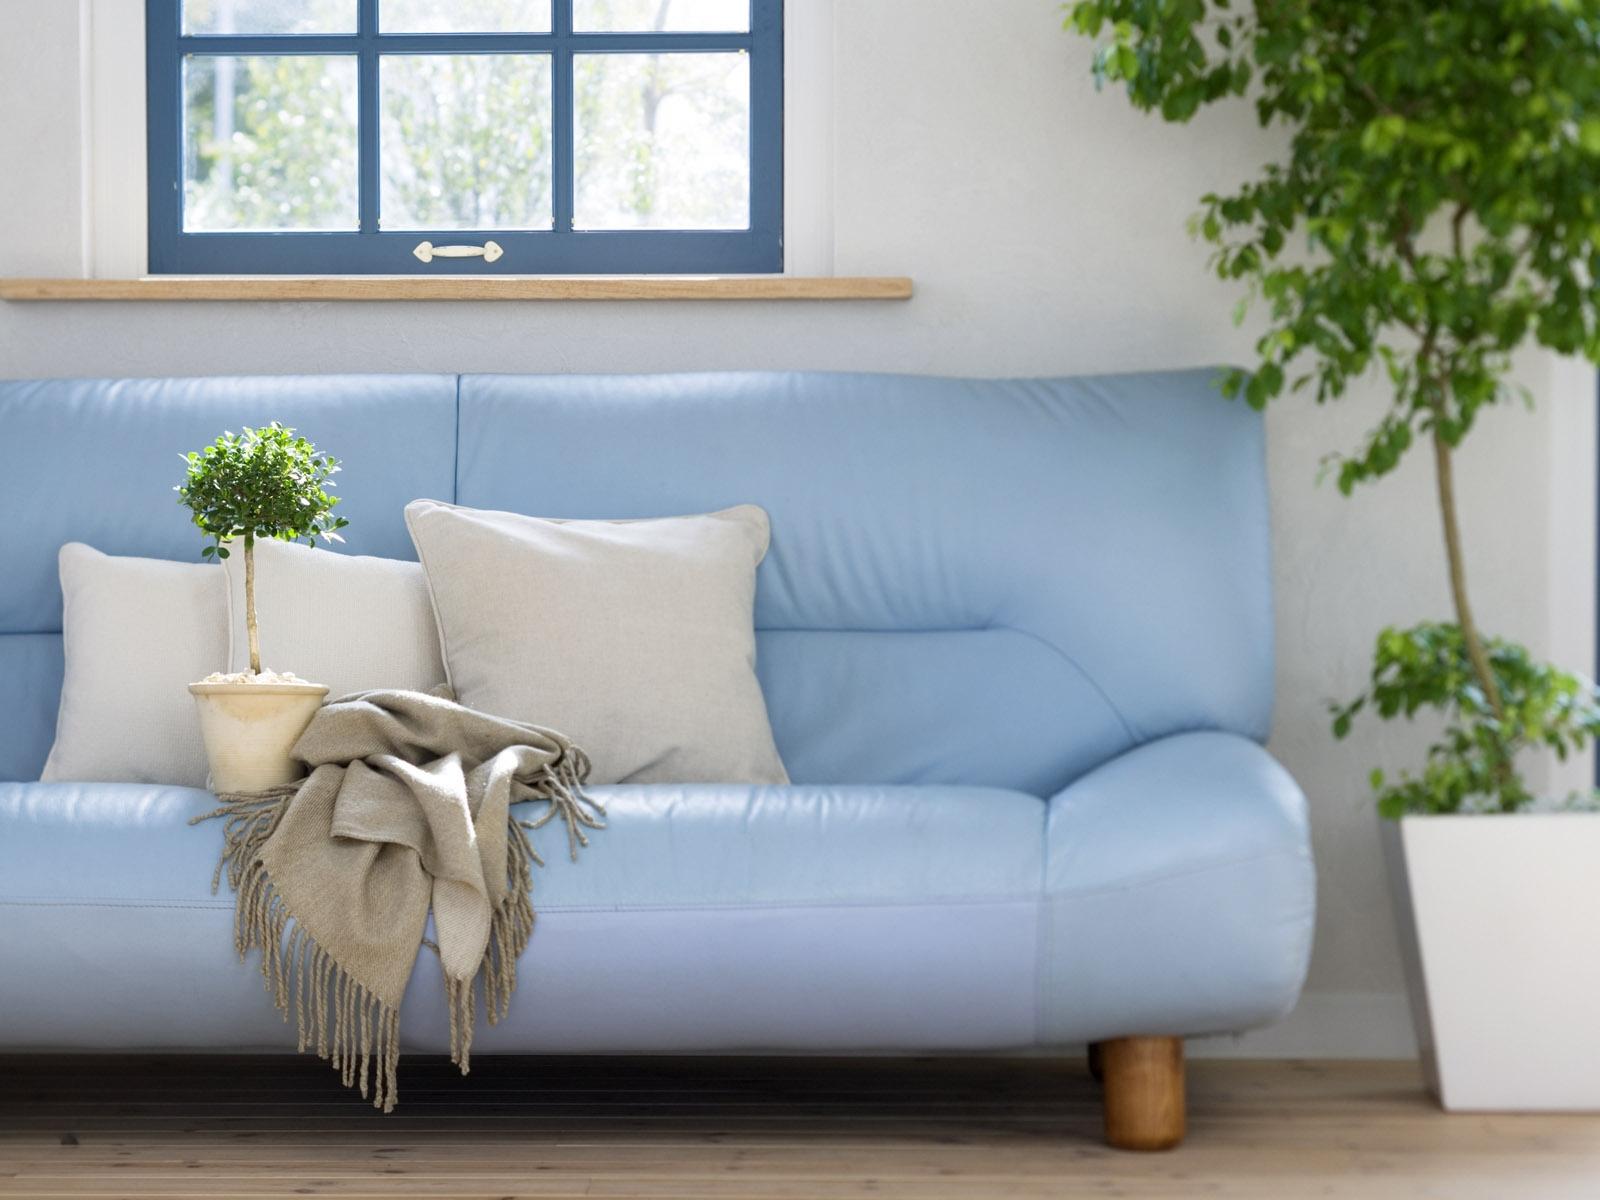 Hintergrundbilder Zimmer Couch Innenarchitektur Blume Sofa